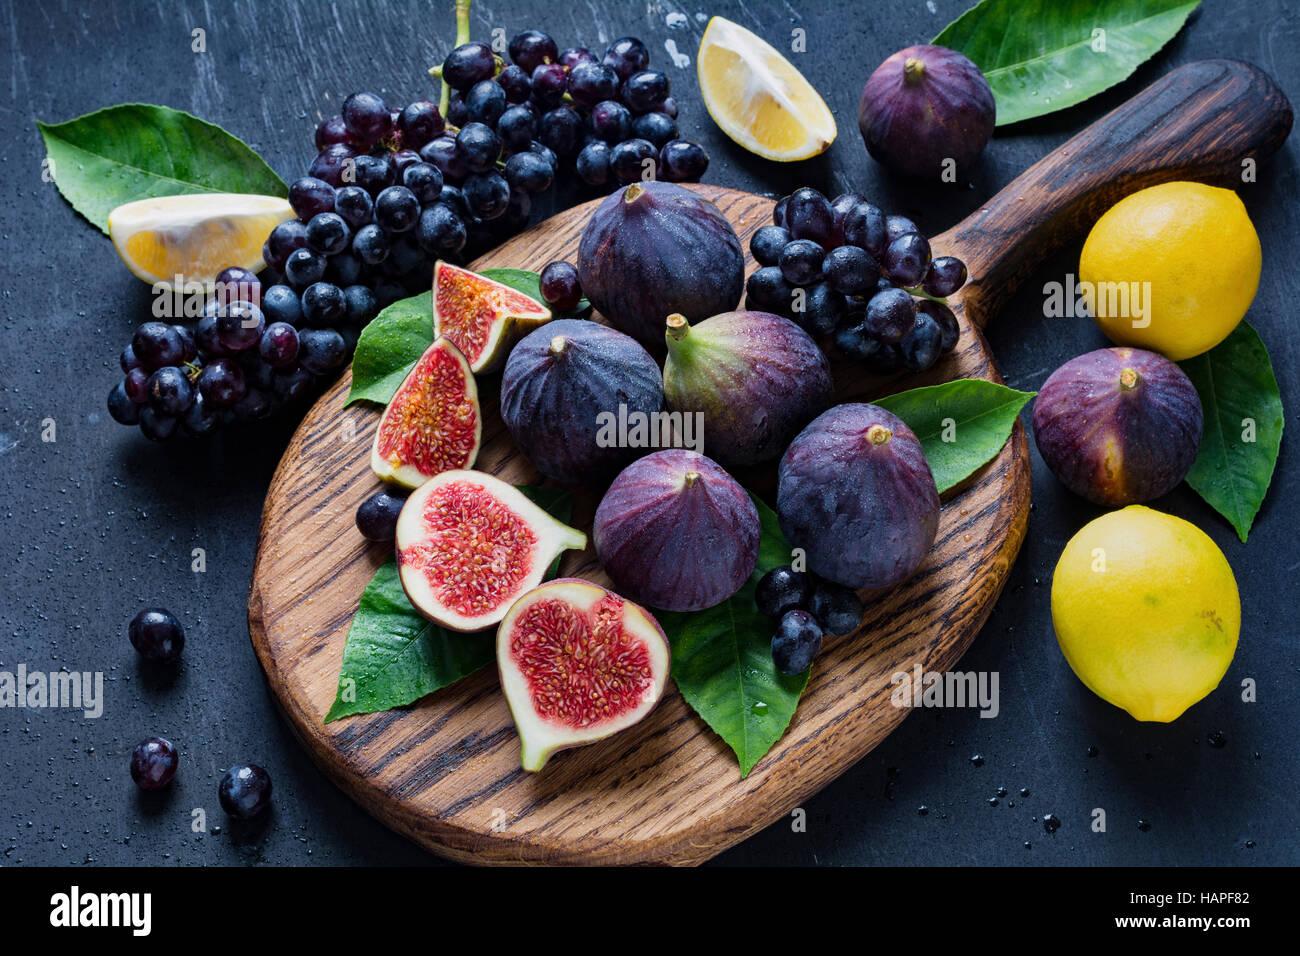 Los higos frescos, uvas negras y los limones. Variedad de fruta fresca en la tabla de cortar de madera Imagen De Stock